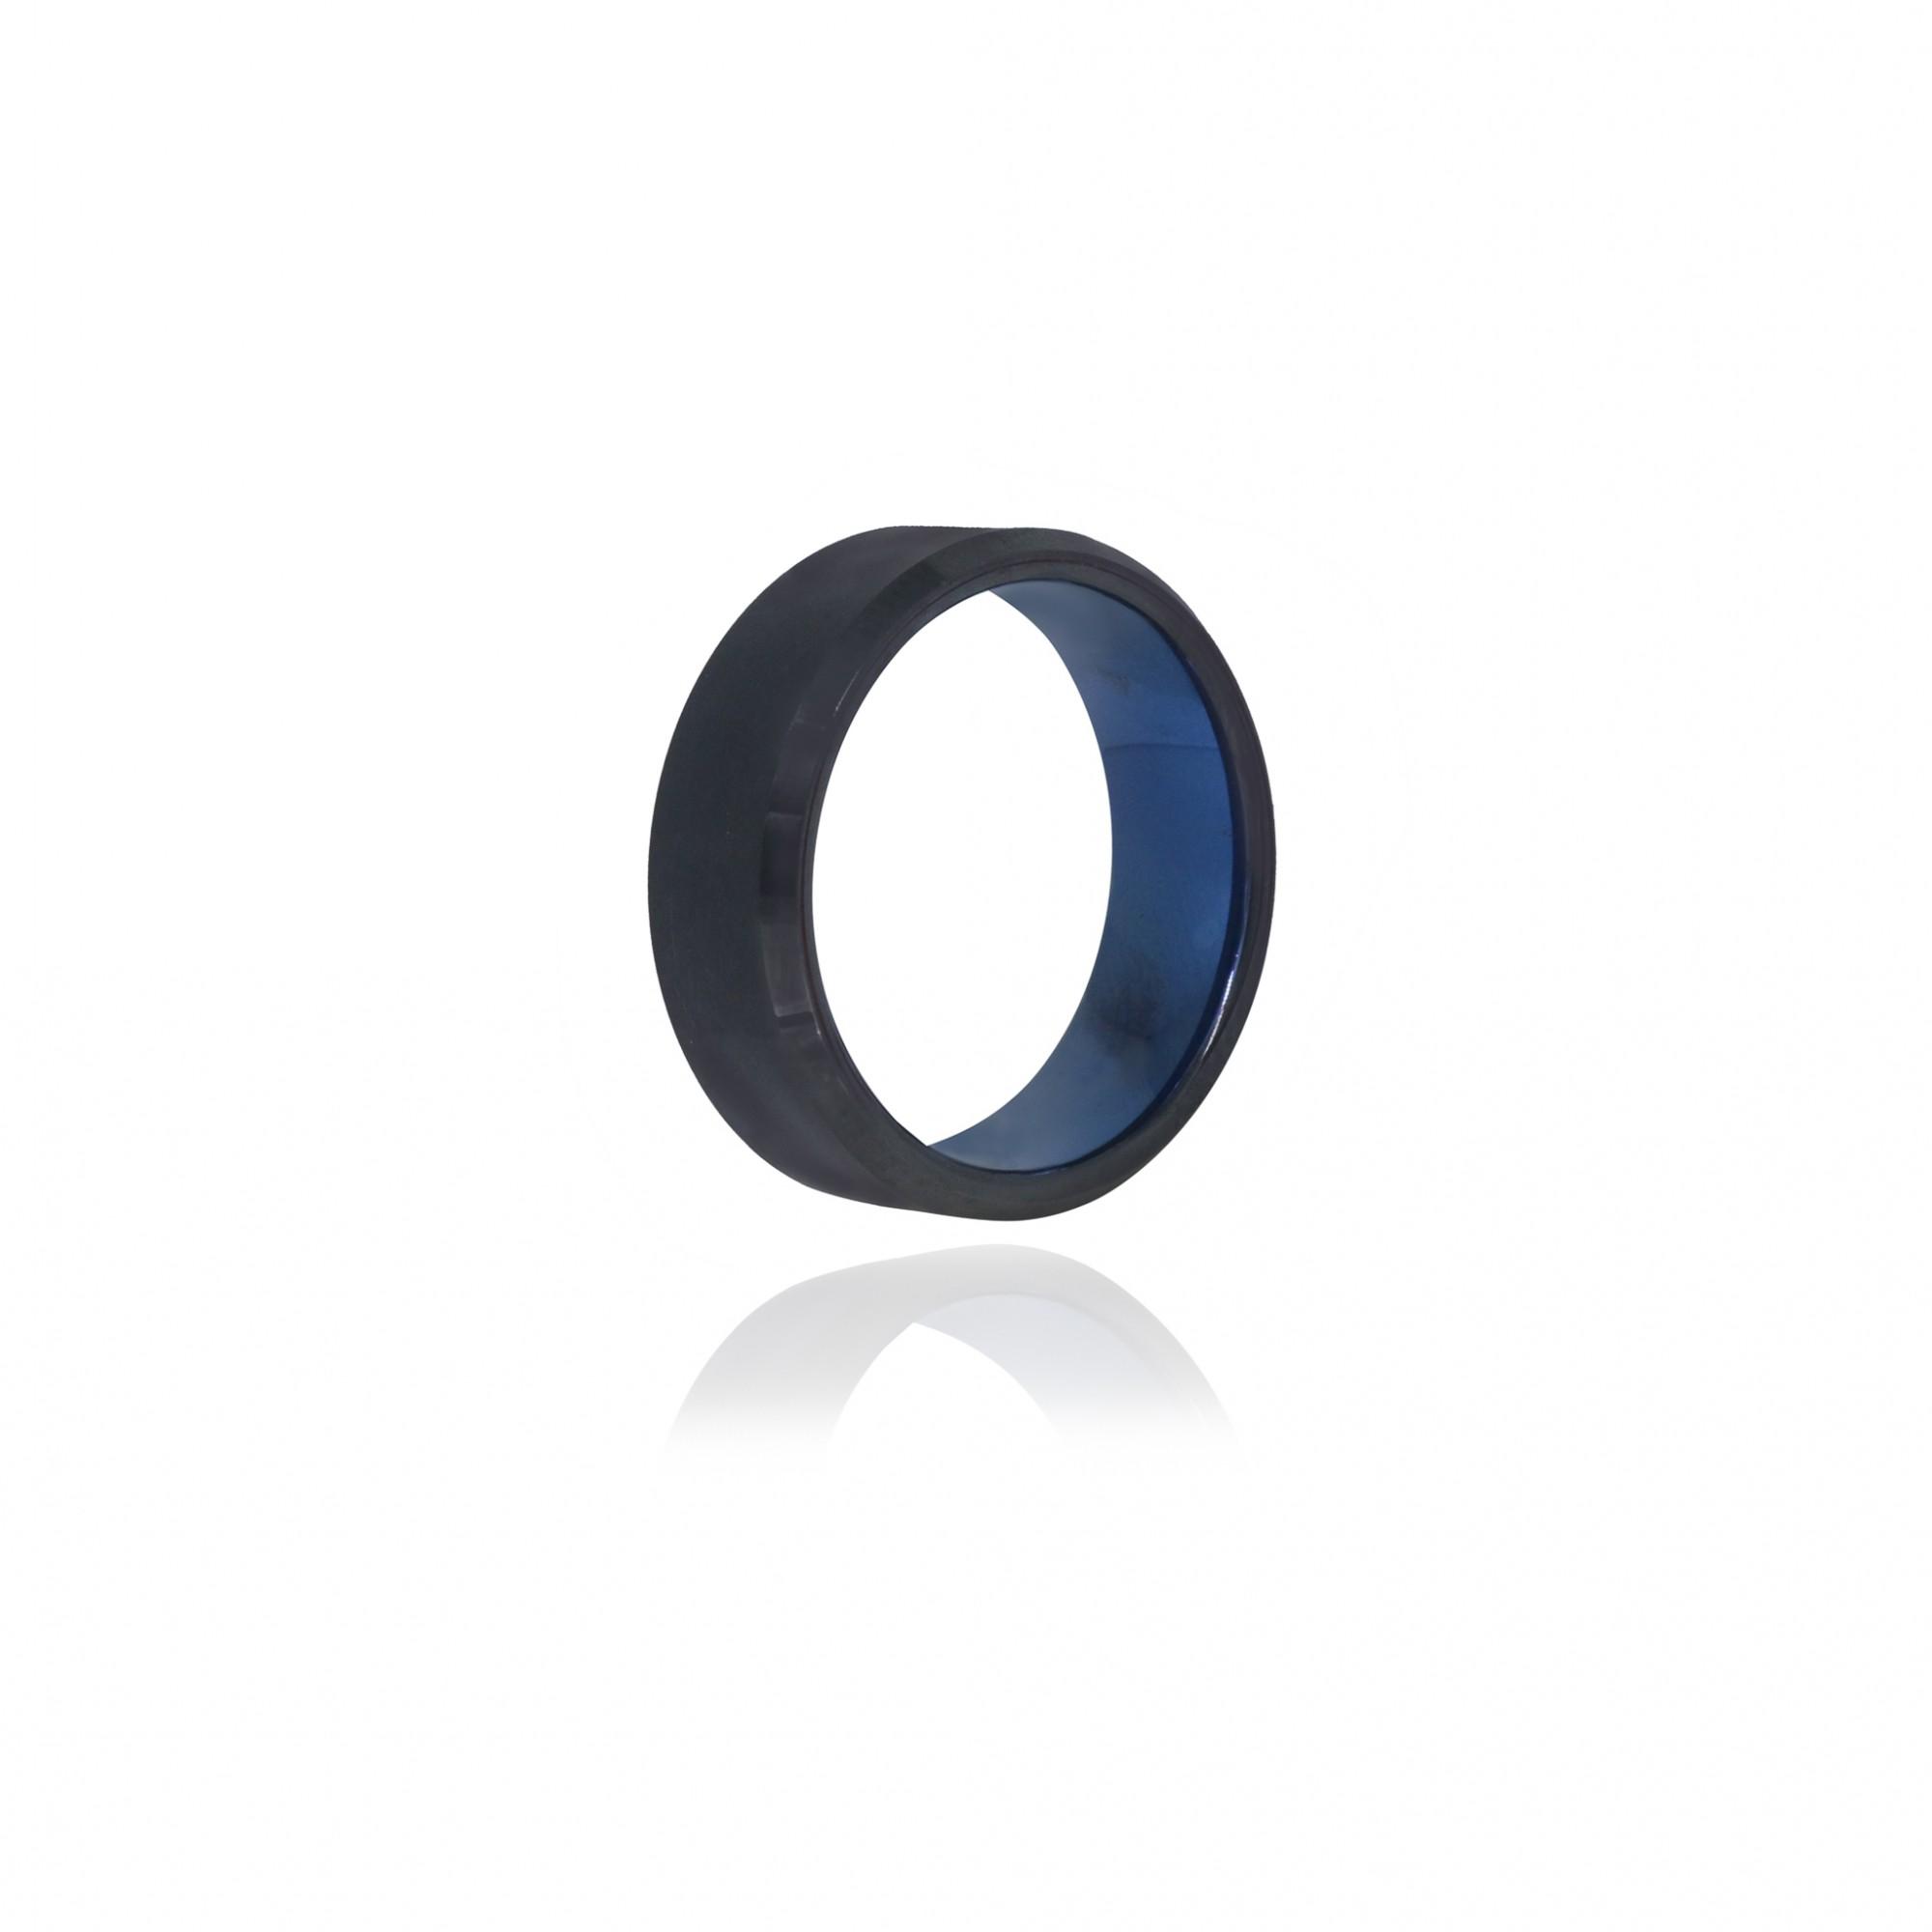 Aliança ou anel de tungstênio liso